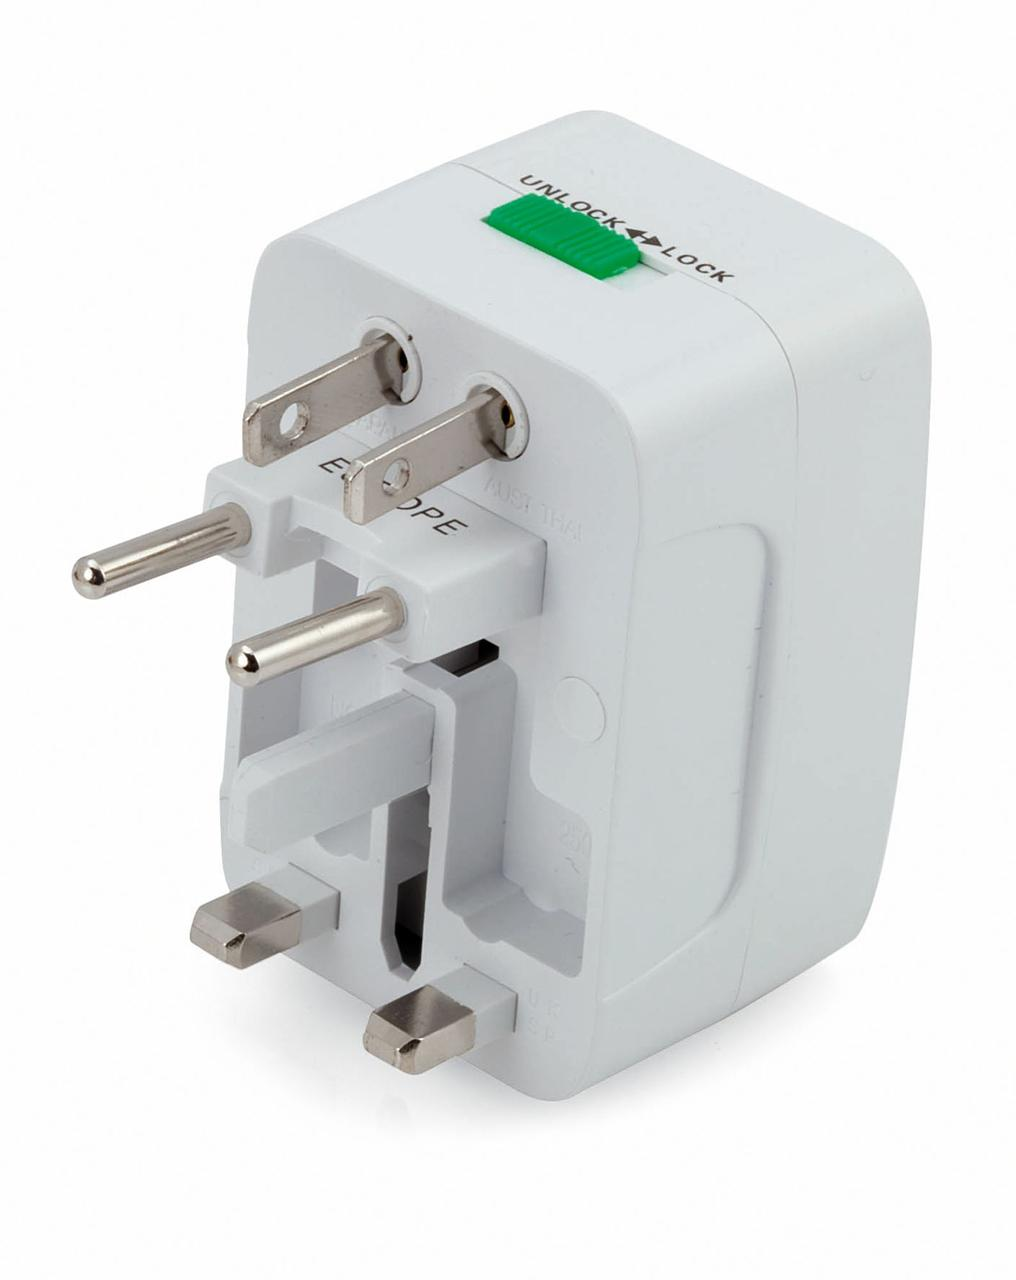 Универсальный переходник для розеток Plug In (артикул MKT3730)